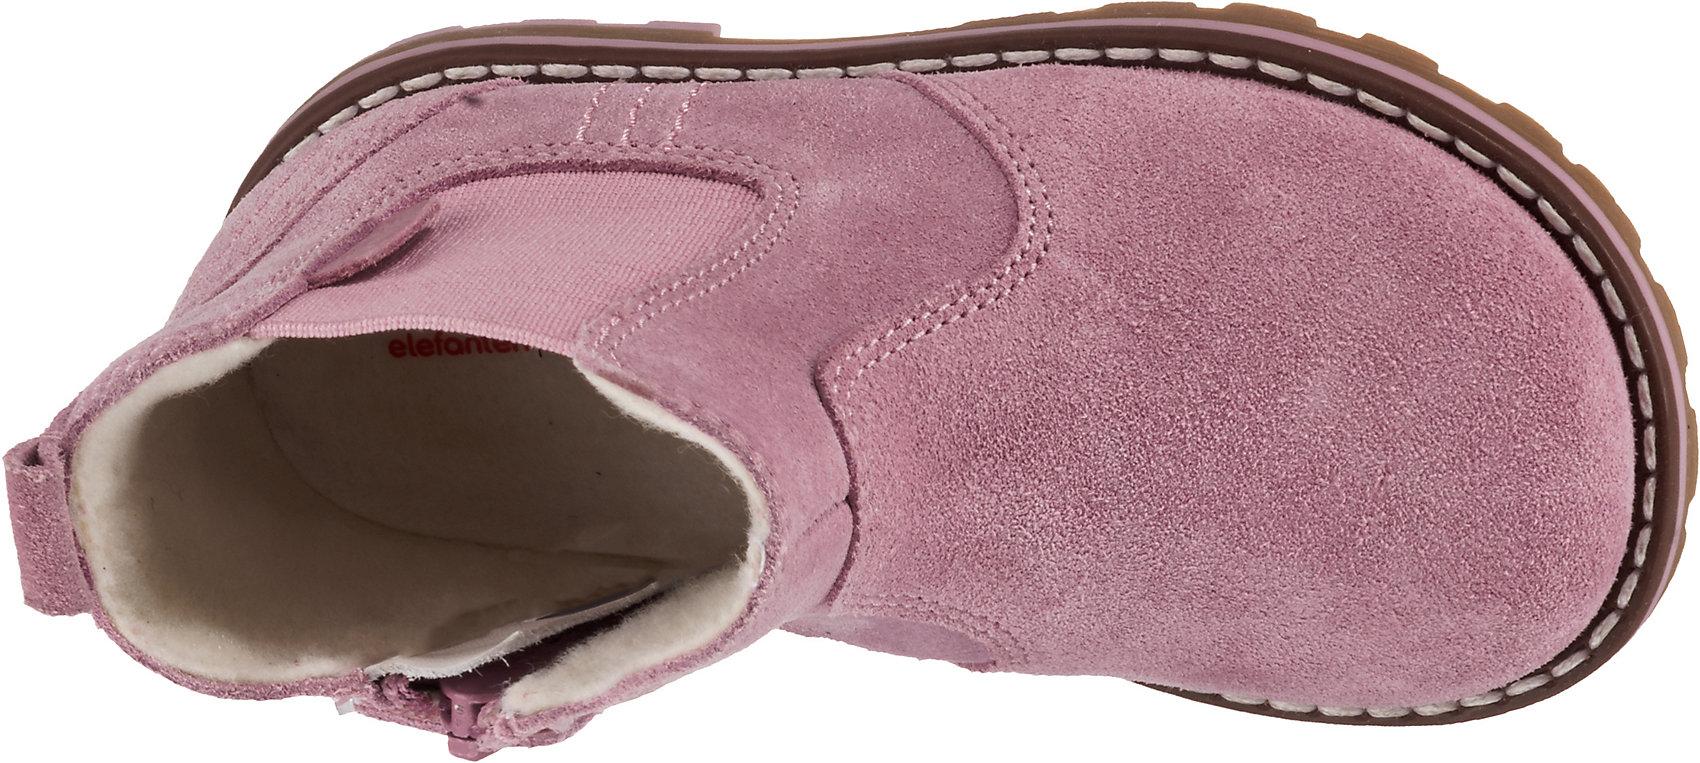 Neu elefanten Baby Stiefeletten BOSS für Mädchen 11739811 für Mädchen